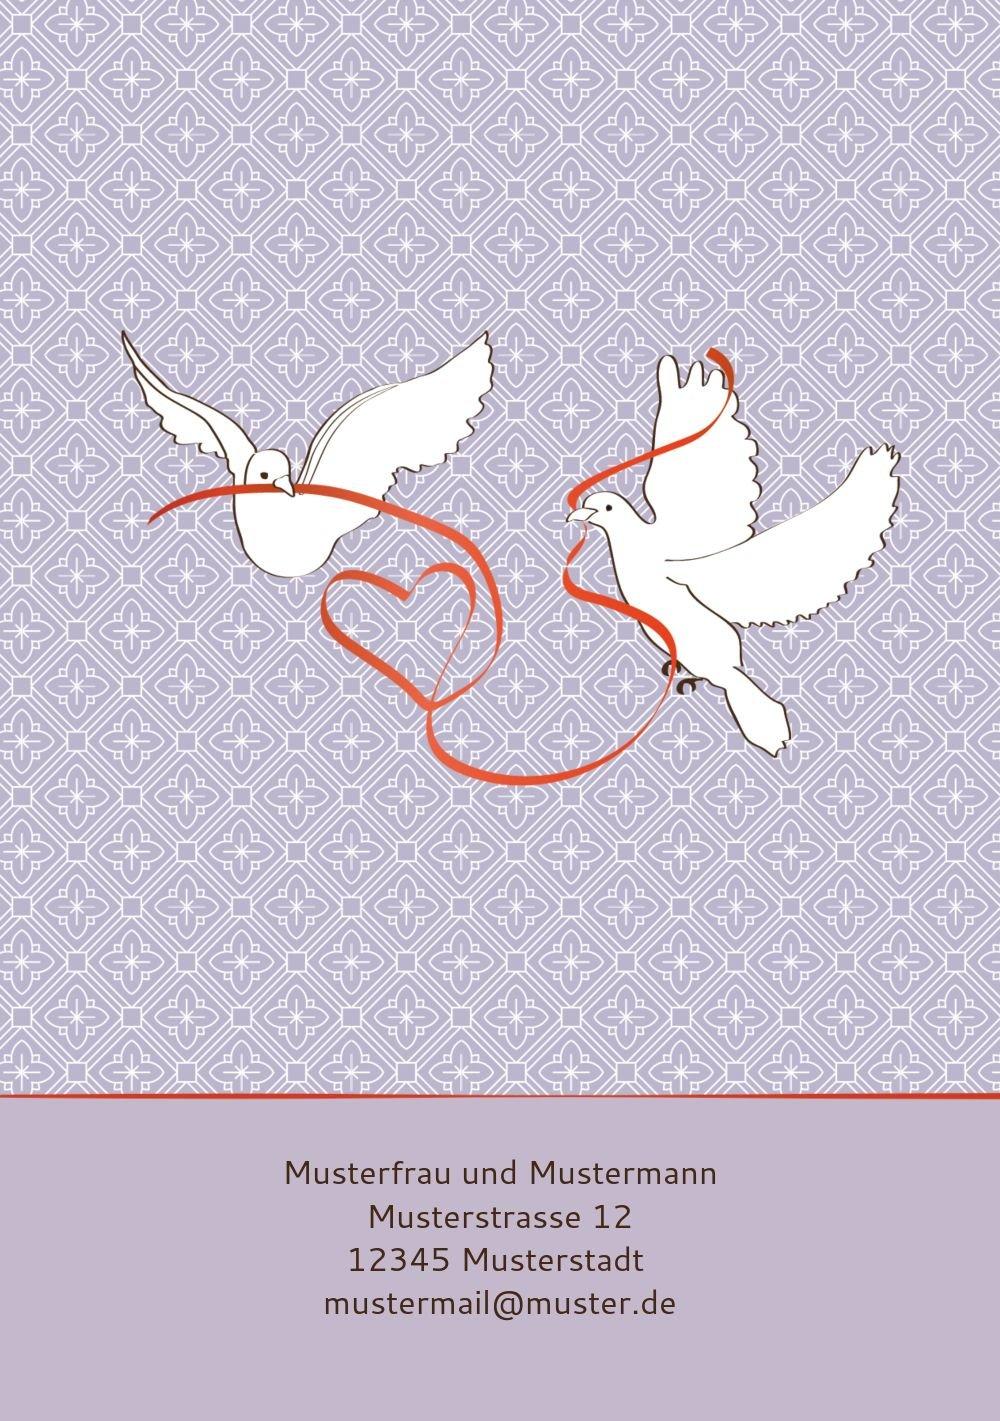 Kartenparadies Danksagung für Hochzeitsgeschenke Hochzeit Dankeskarte Turteltäubchen, hochwertige Danksagungskarte Danksagungskarte Danksagungskarte Hochzeitsglückwünsche inklusive Umschläge   20 Karten - (Format  105x148 mm) Farbe  DunkelgrauBraun B01NBX4IC8   Ch 98c000